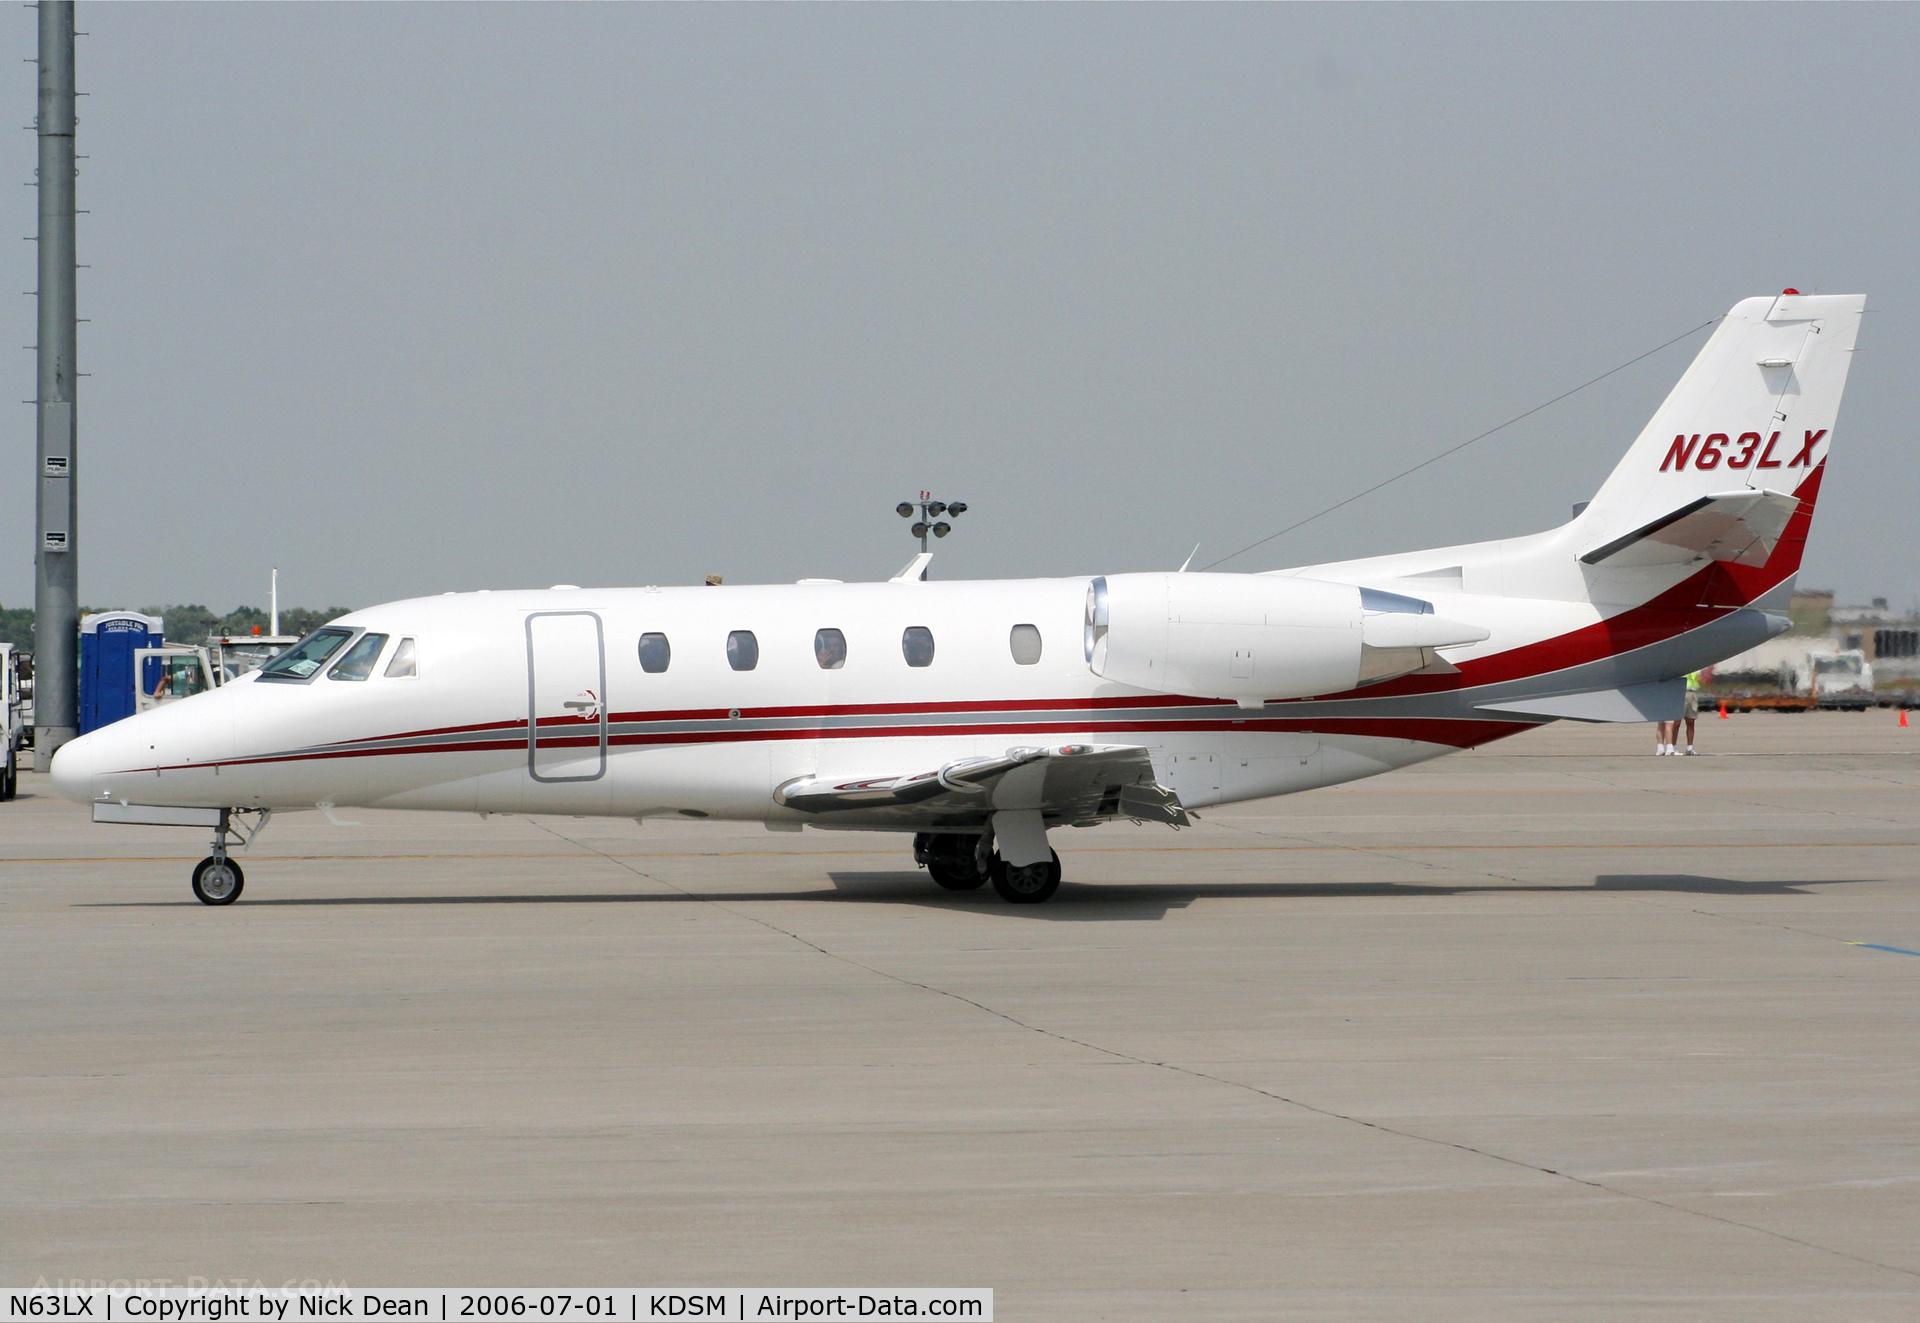 N63LX, 2001 Cessna 560 Citation Excel C/N 560-5163, KDSM